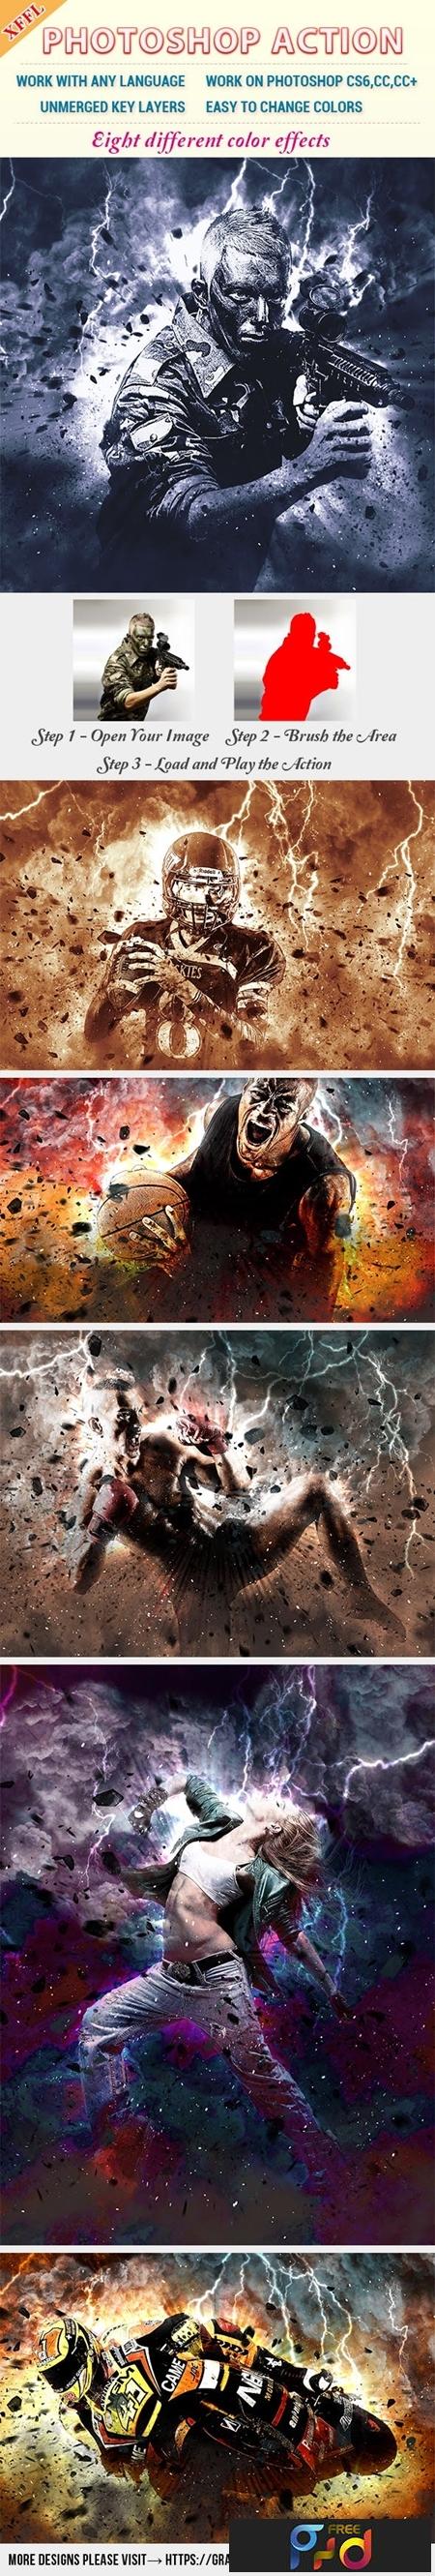 Color Storm Photoshop Action 23444925 1